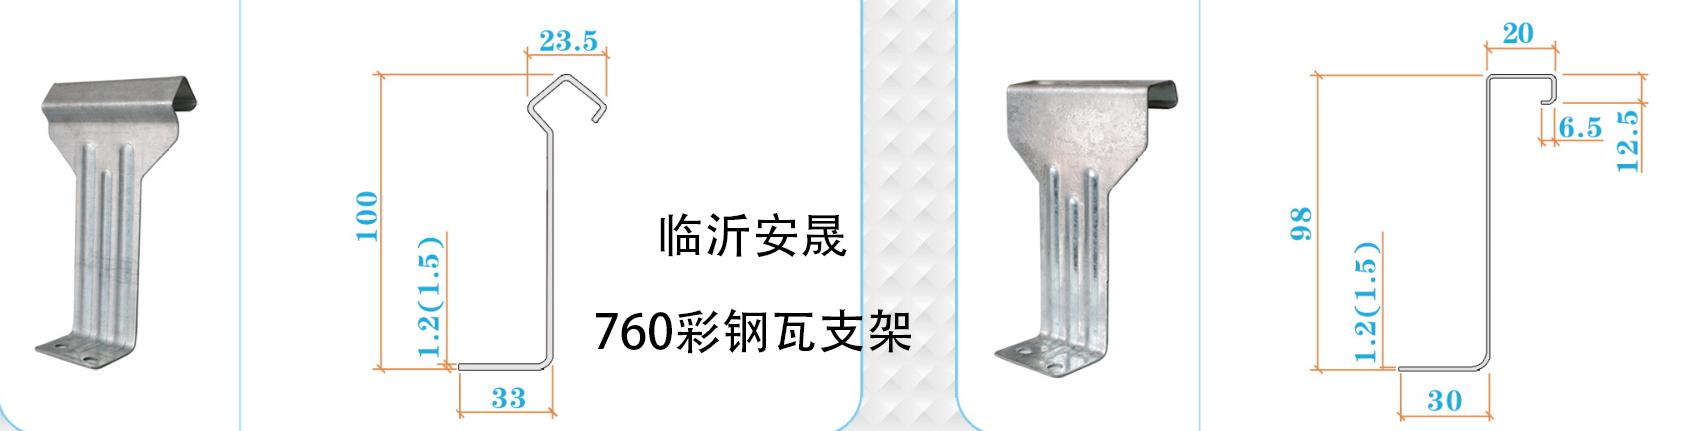 山东角驰820支座厂家直销 欢迎咨询 临沂安晟防水材料供应